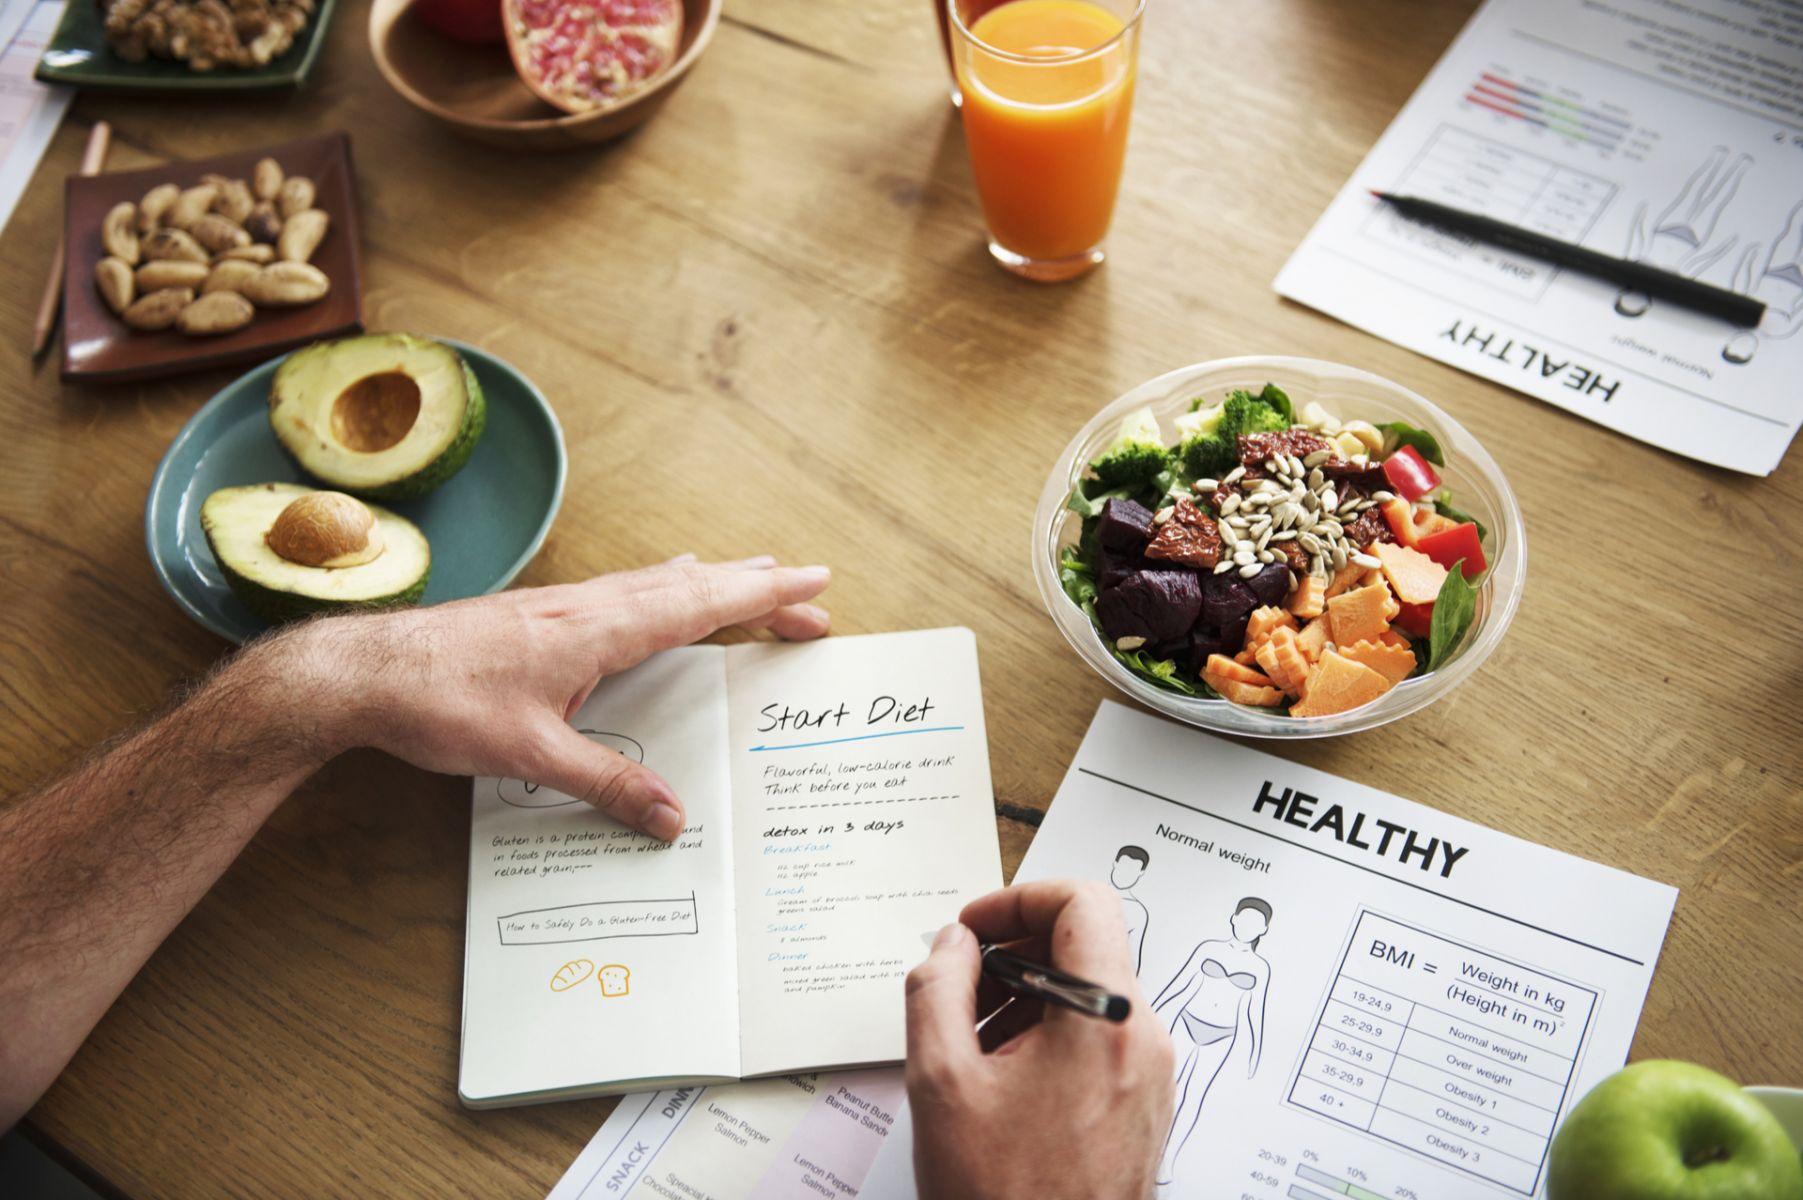 營養師教你擬定「減糖4計畫」,讓瘦身更給力!